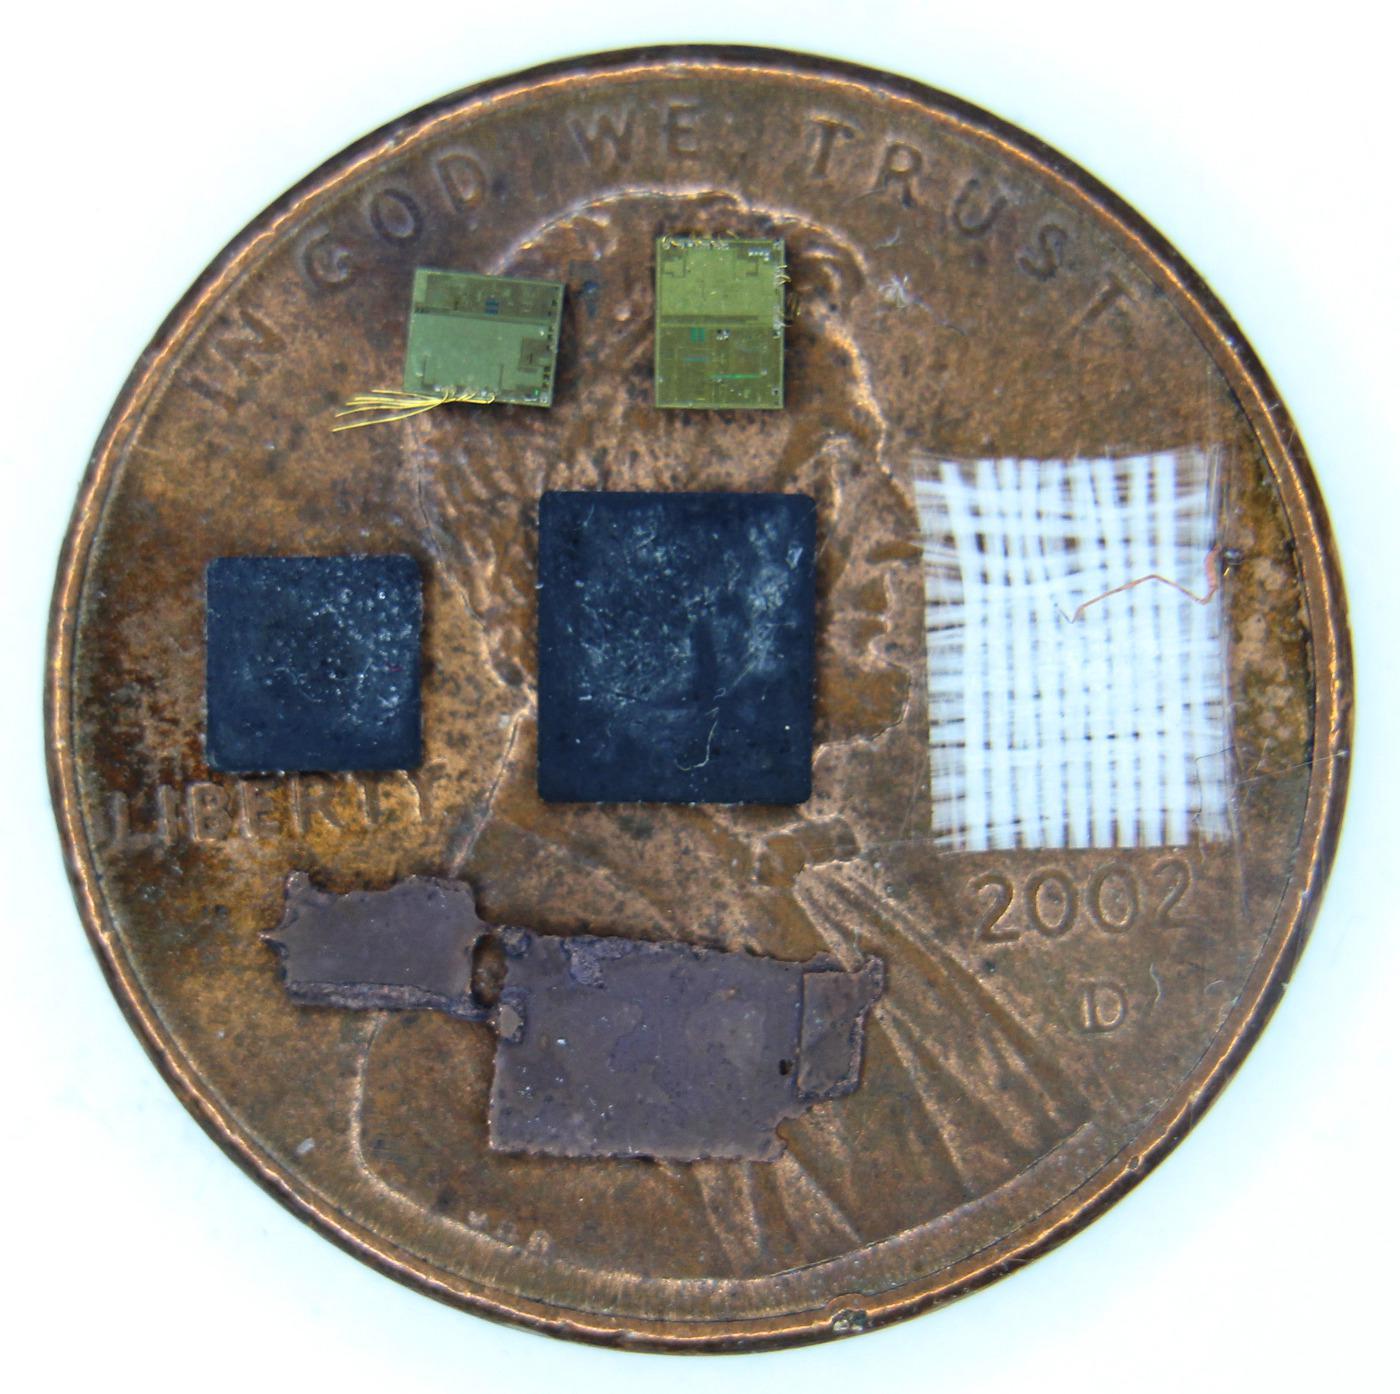 Вскрываем чип гальванической развязки с крохотным трансформатором внутри - 2